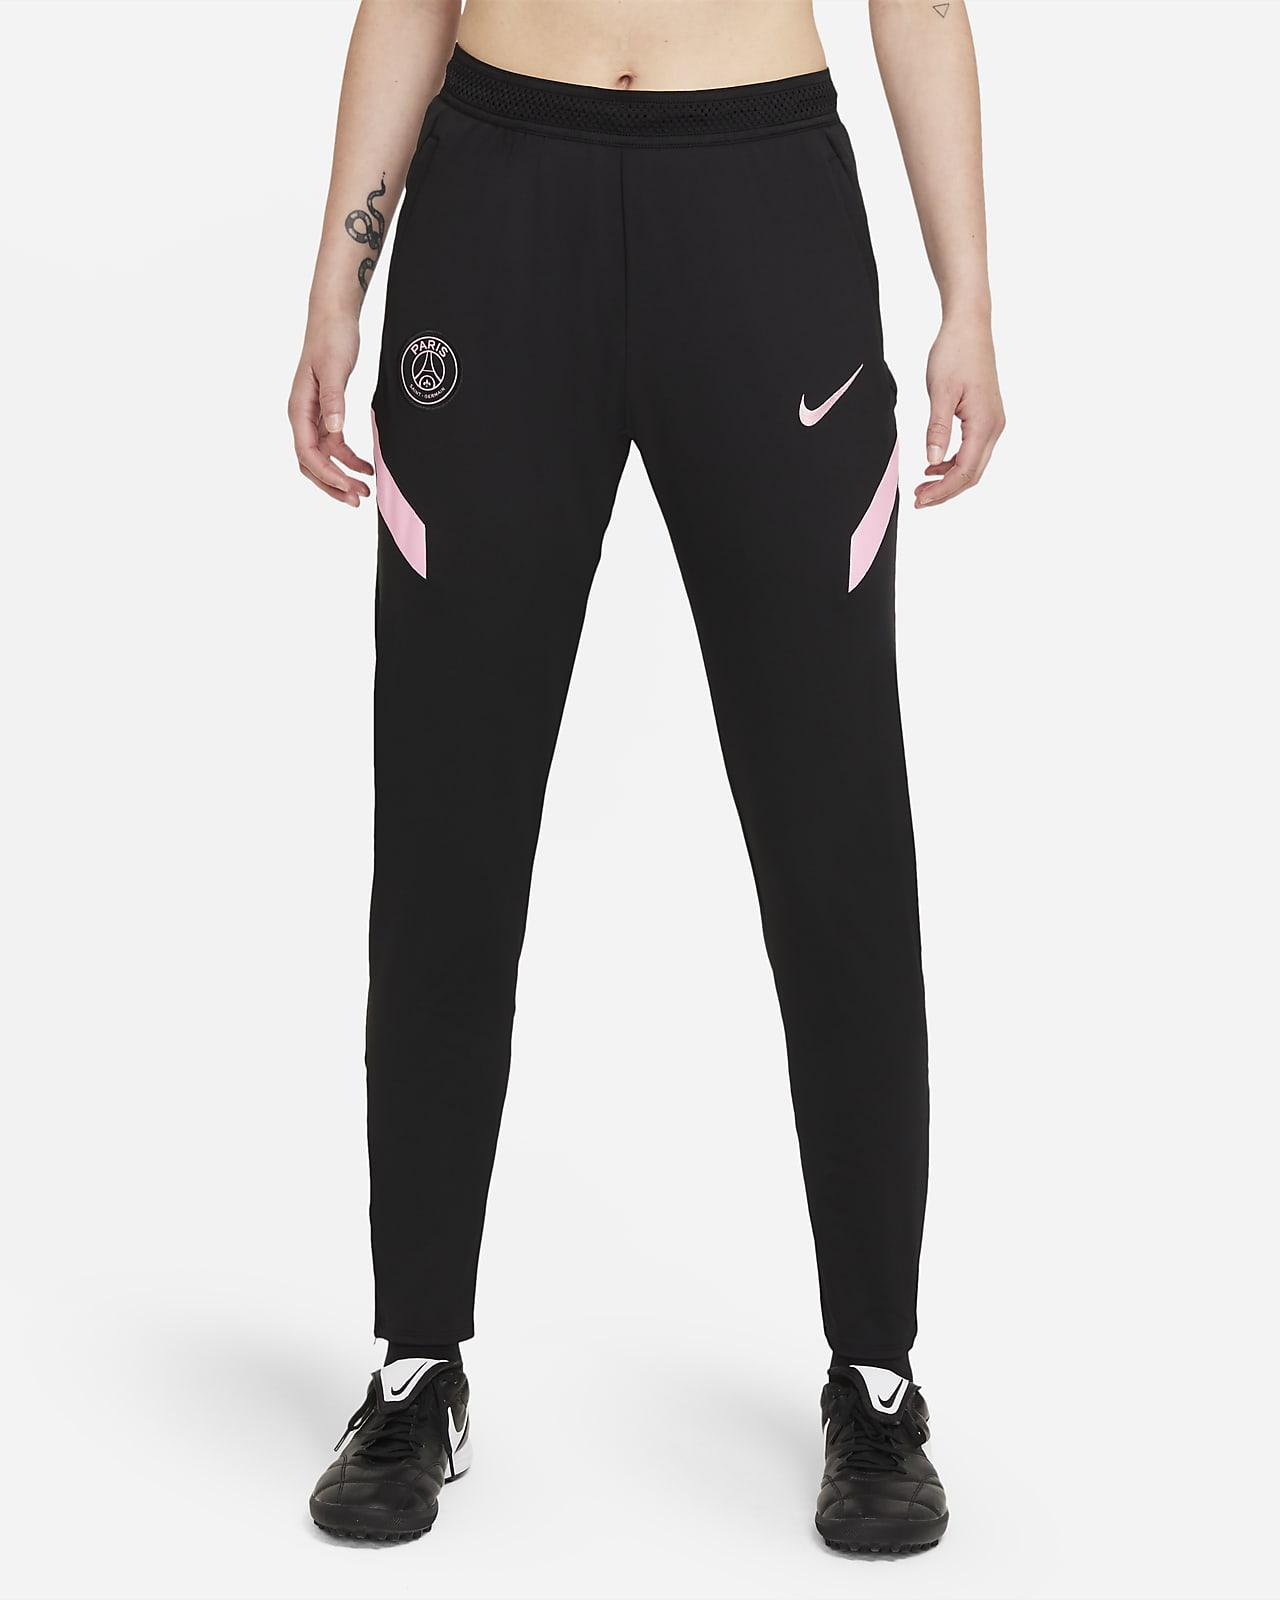 Damskie spodnie piłkarskie Nike Dri-FIT Paris Saint-Germain Strike (wersja wyjazdowa)